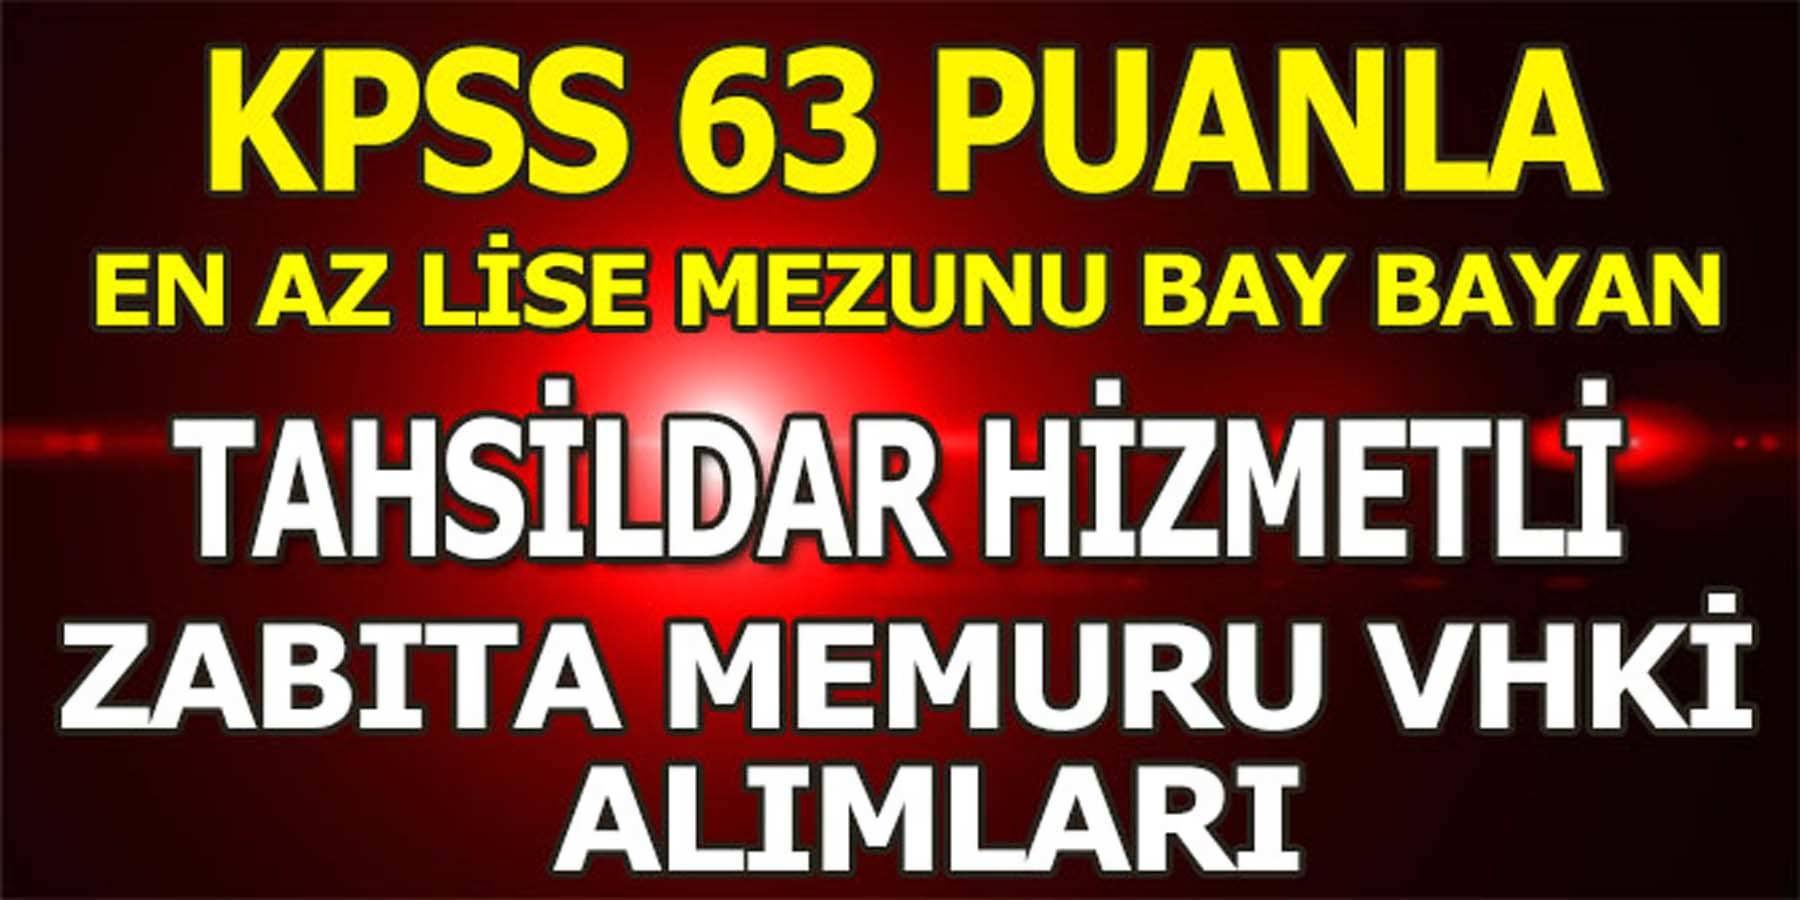 KPSS 63 Puanla Tahsildar VHKİ Ve Zabıta Memuru Alımı